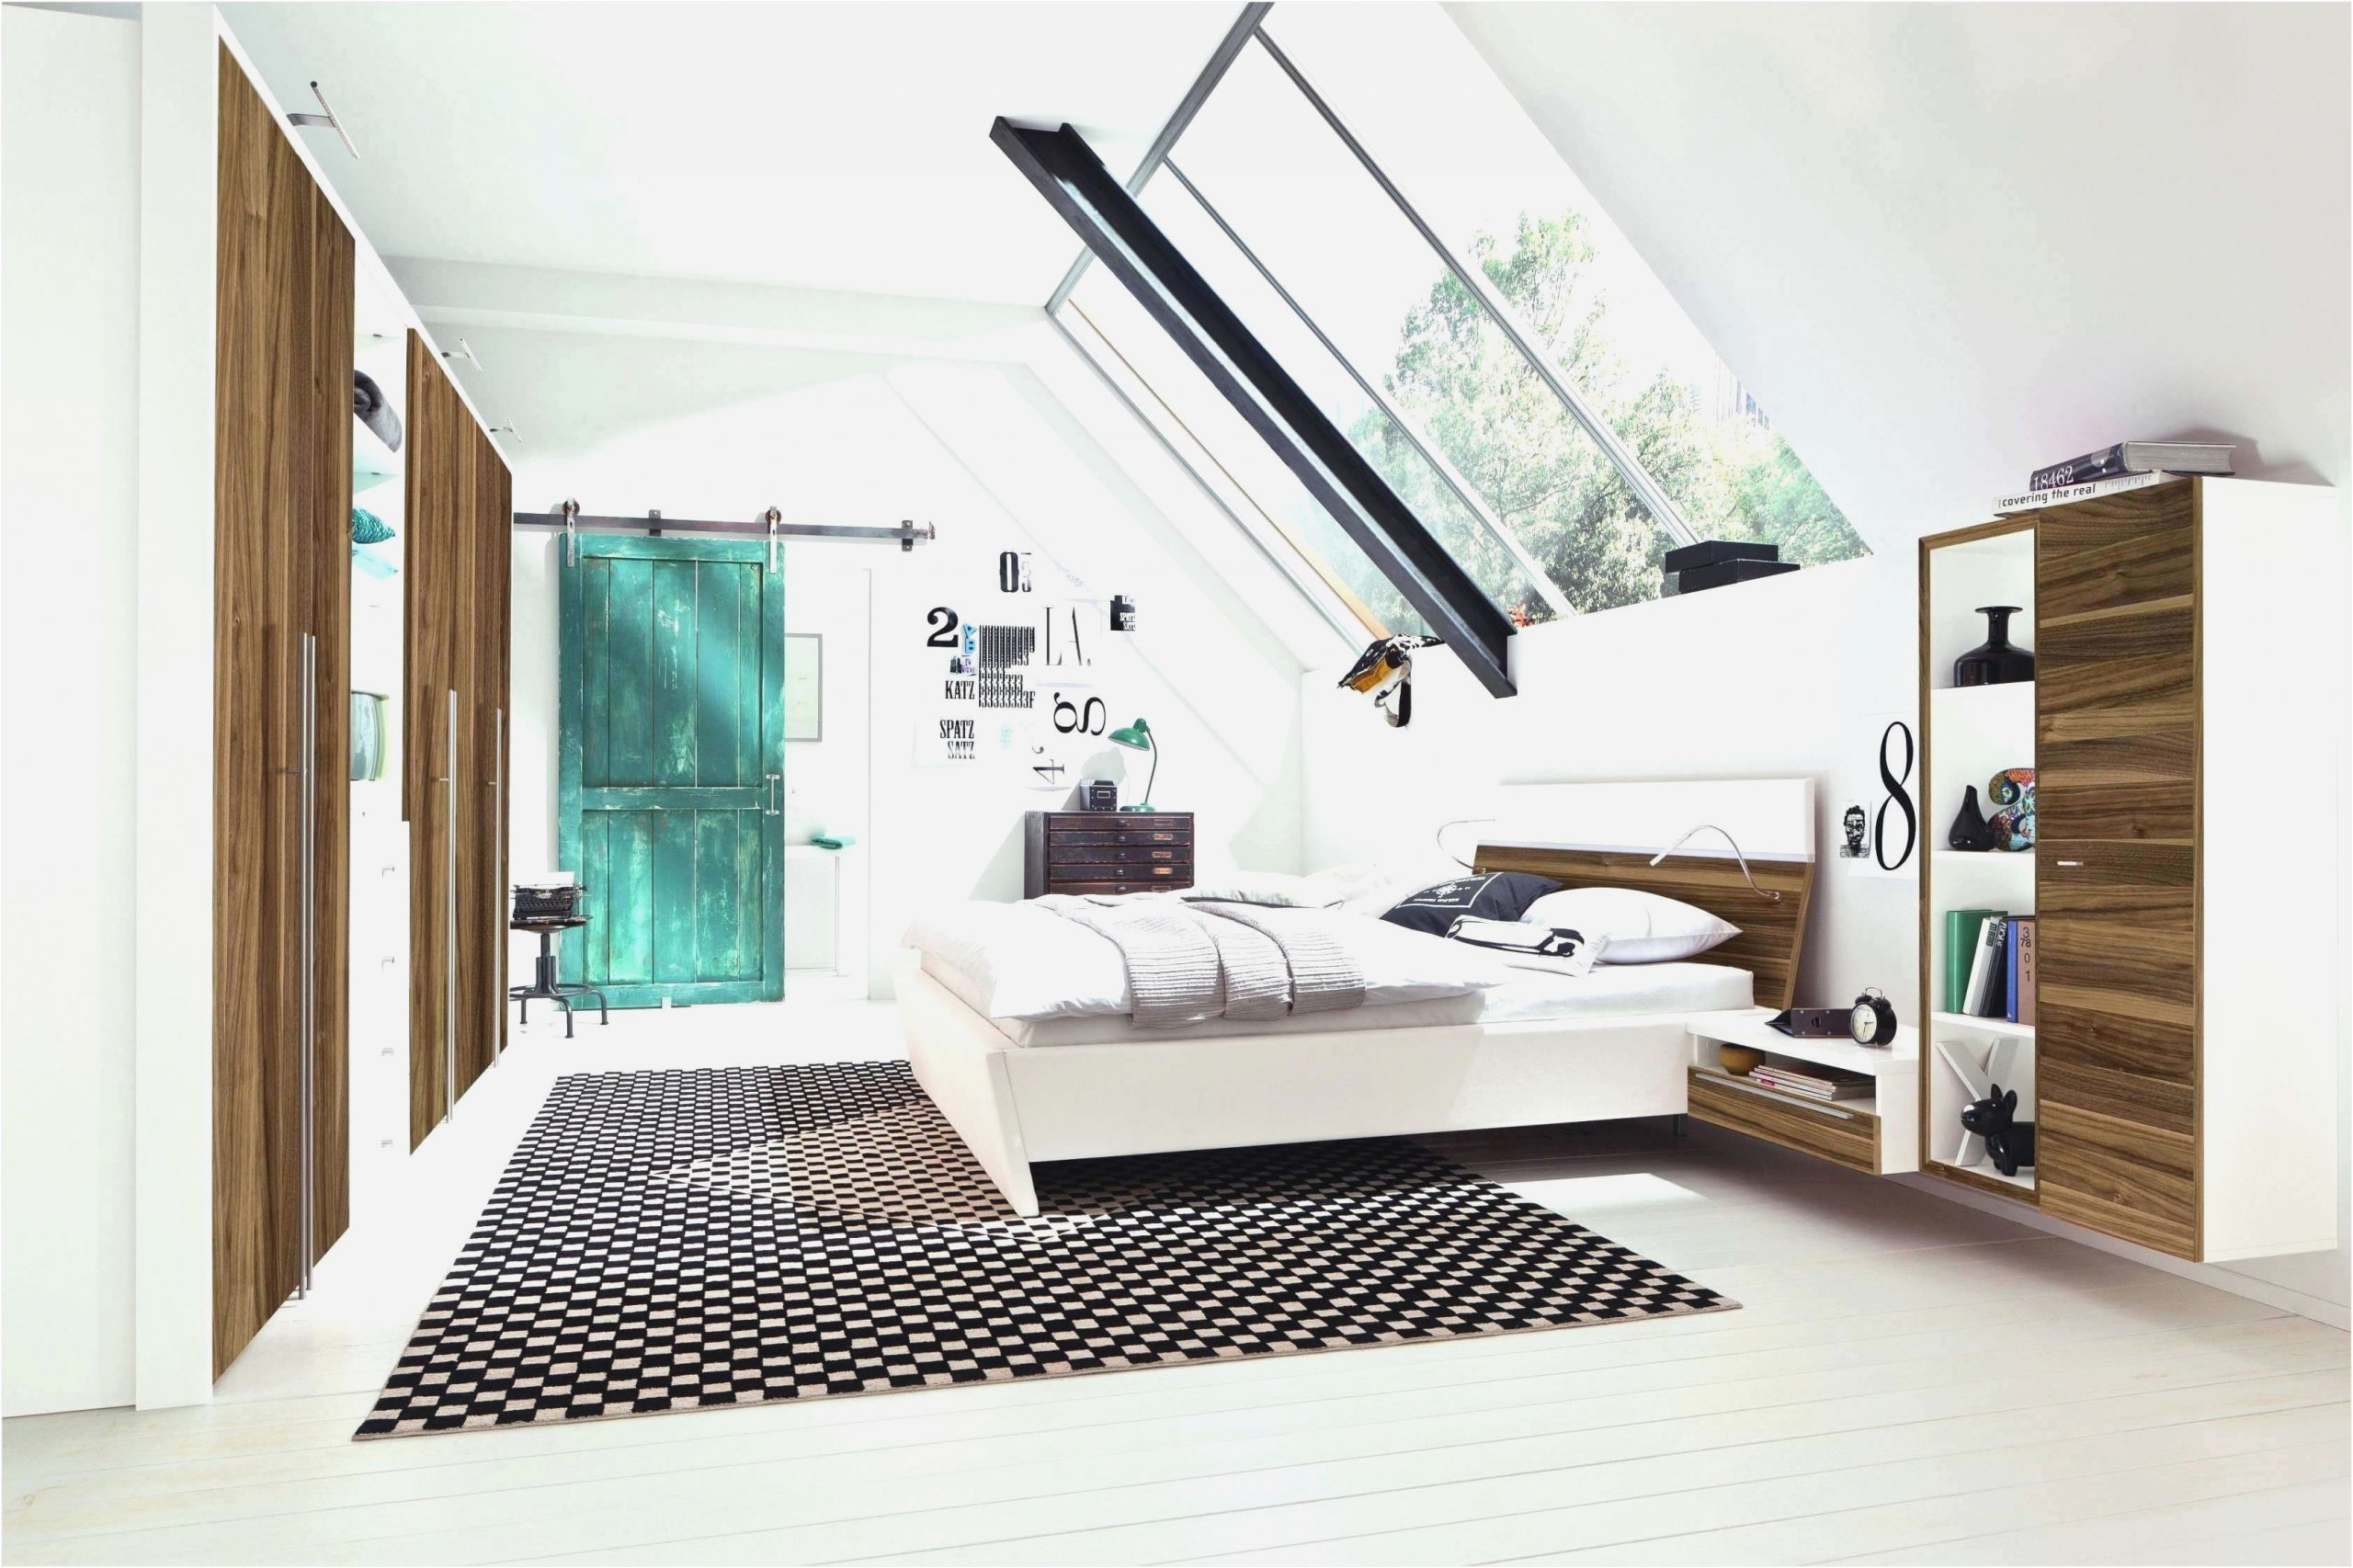 ideen deckenlampe schlafzimmer dachschrage of ideen deckenlampe schlafzimmer dachschrage scaled